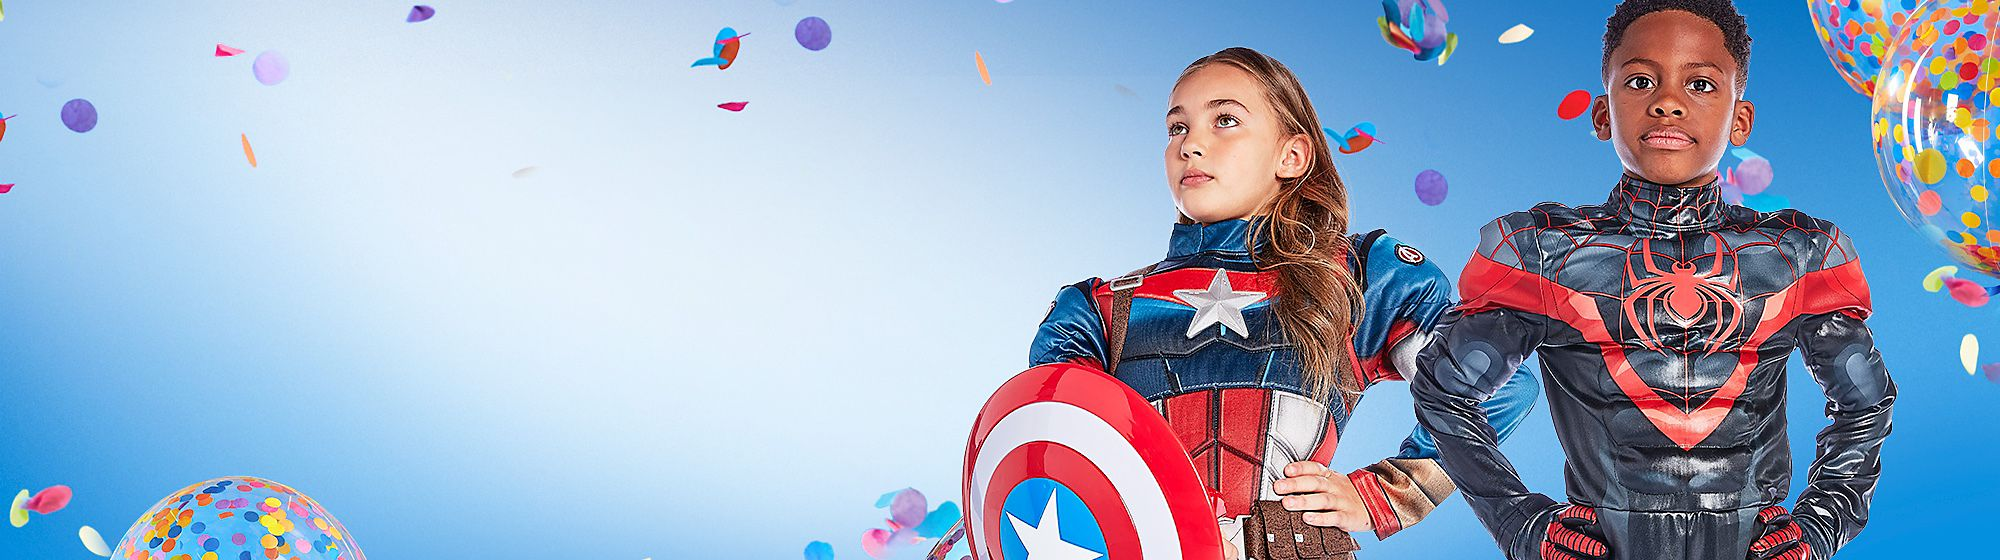 Costumi da Supereroe Rivivi tutte le epiche avventure dei tuoi supereroi preferiti con una collezione di costumi dei tuoi personaggi Marvel preferiti